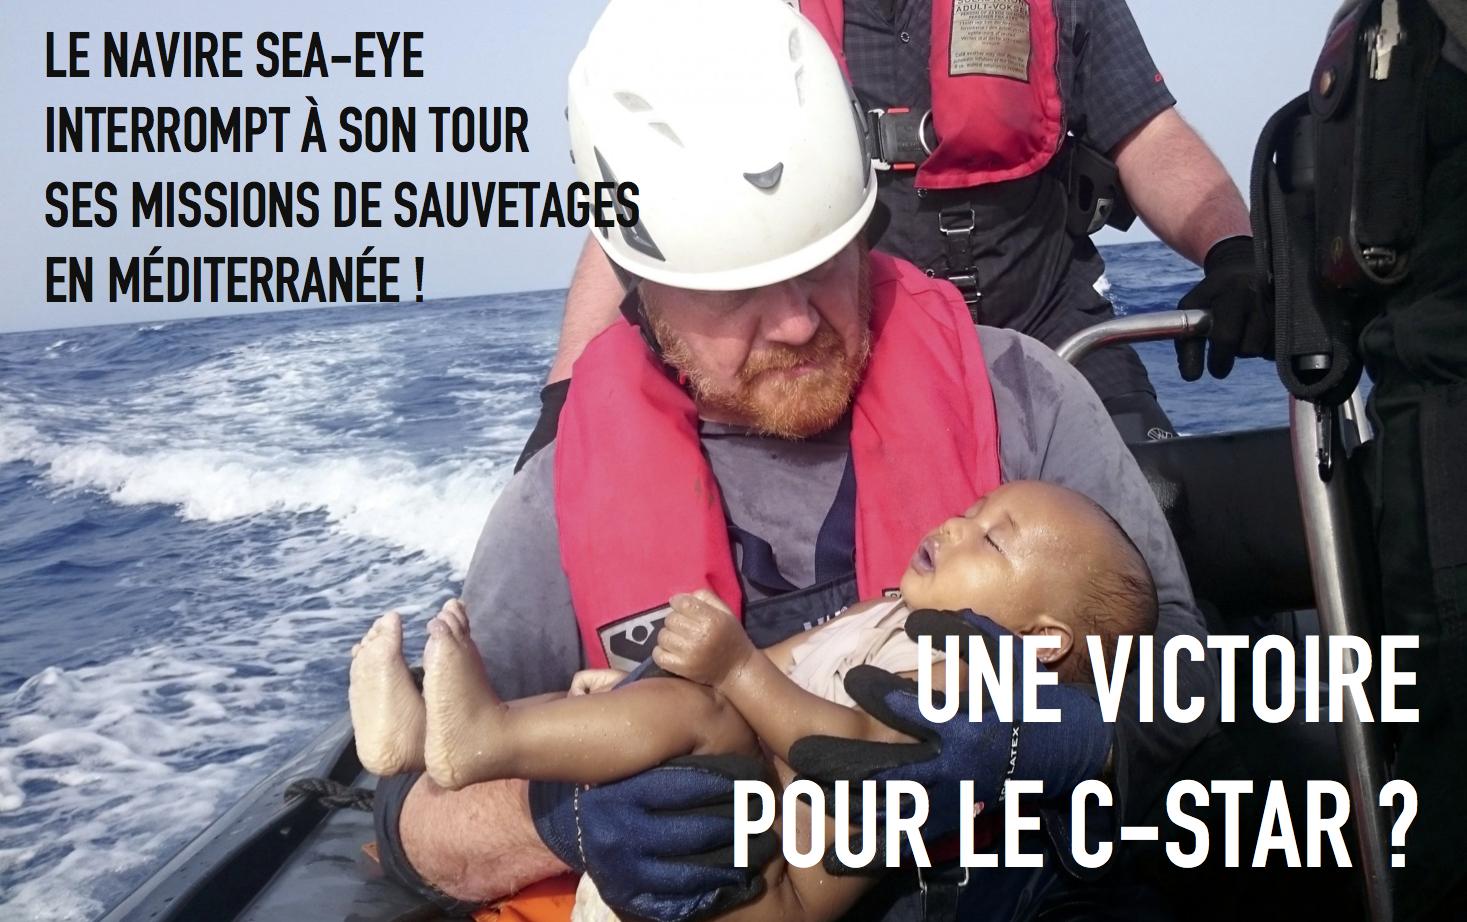 Encore un navire de sauvetage qui se retire : une victoire pour le C-Star ? dans - DISCRIMINATION - SEGREGATION - APARTHEID - RACISME - FASCISME cstar-defend-europe-sea-eye-sarraj-haftar